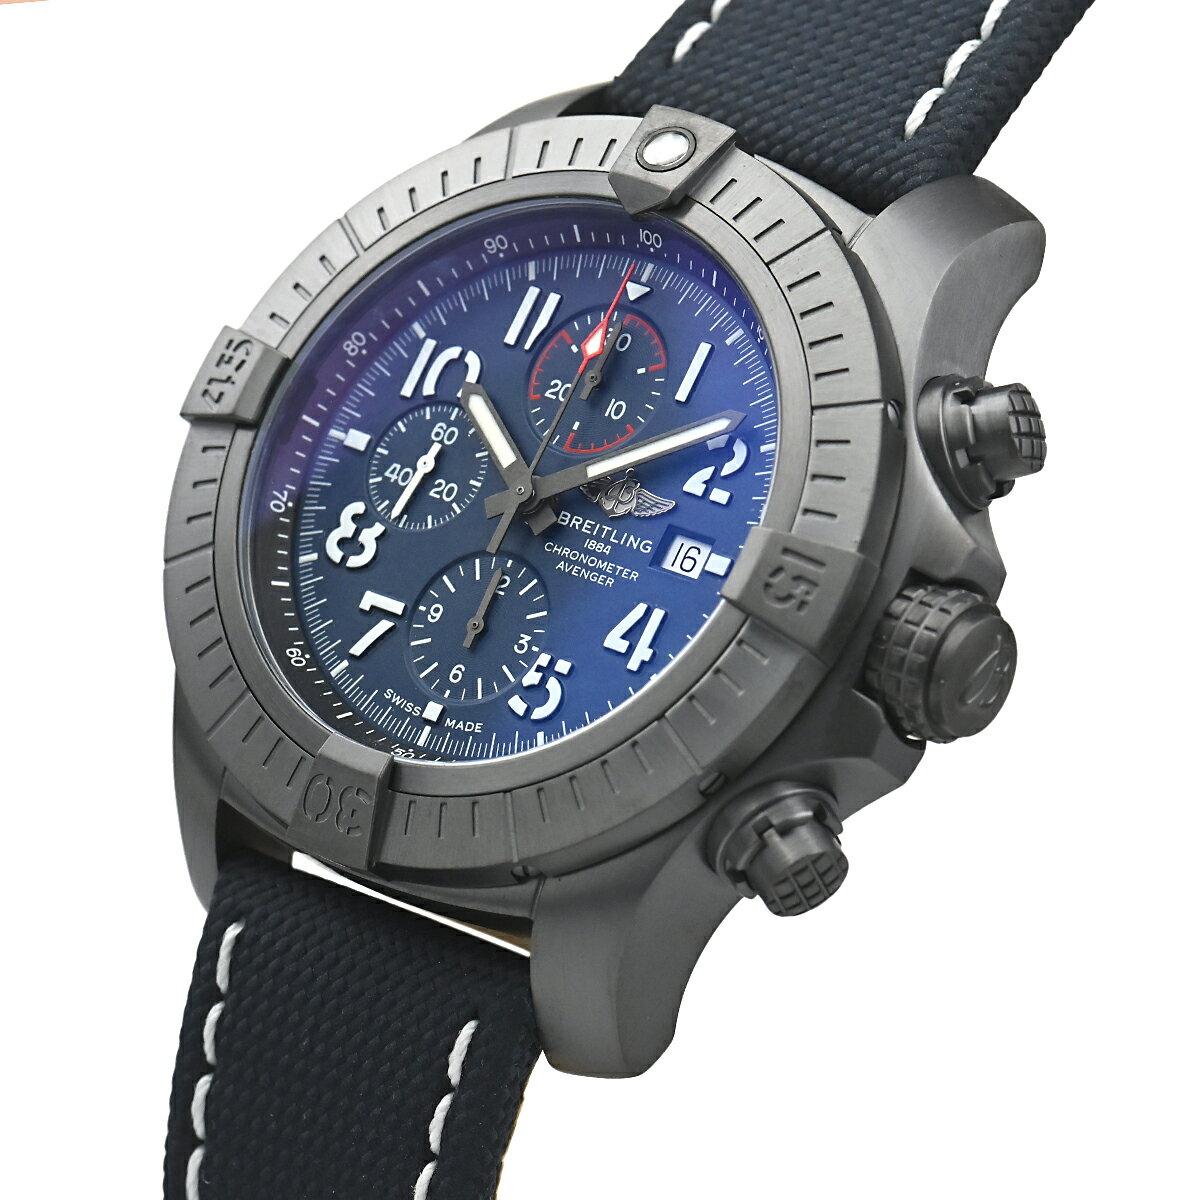 ブライトリングBREITLINGスーパーアベンジャークロノグラフ48ナイトミッションV13375101C1X1【中古】メンズ腕時計送料無料